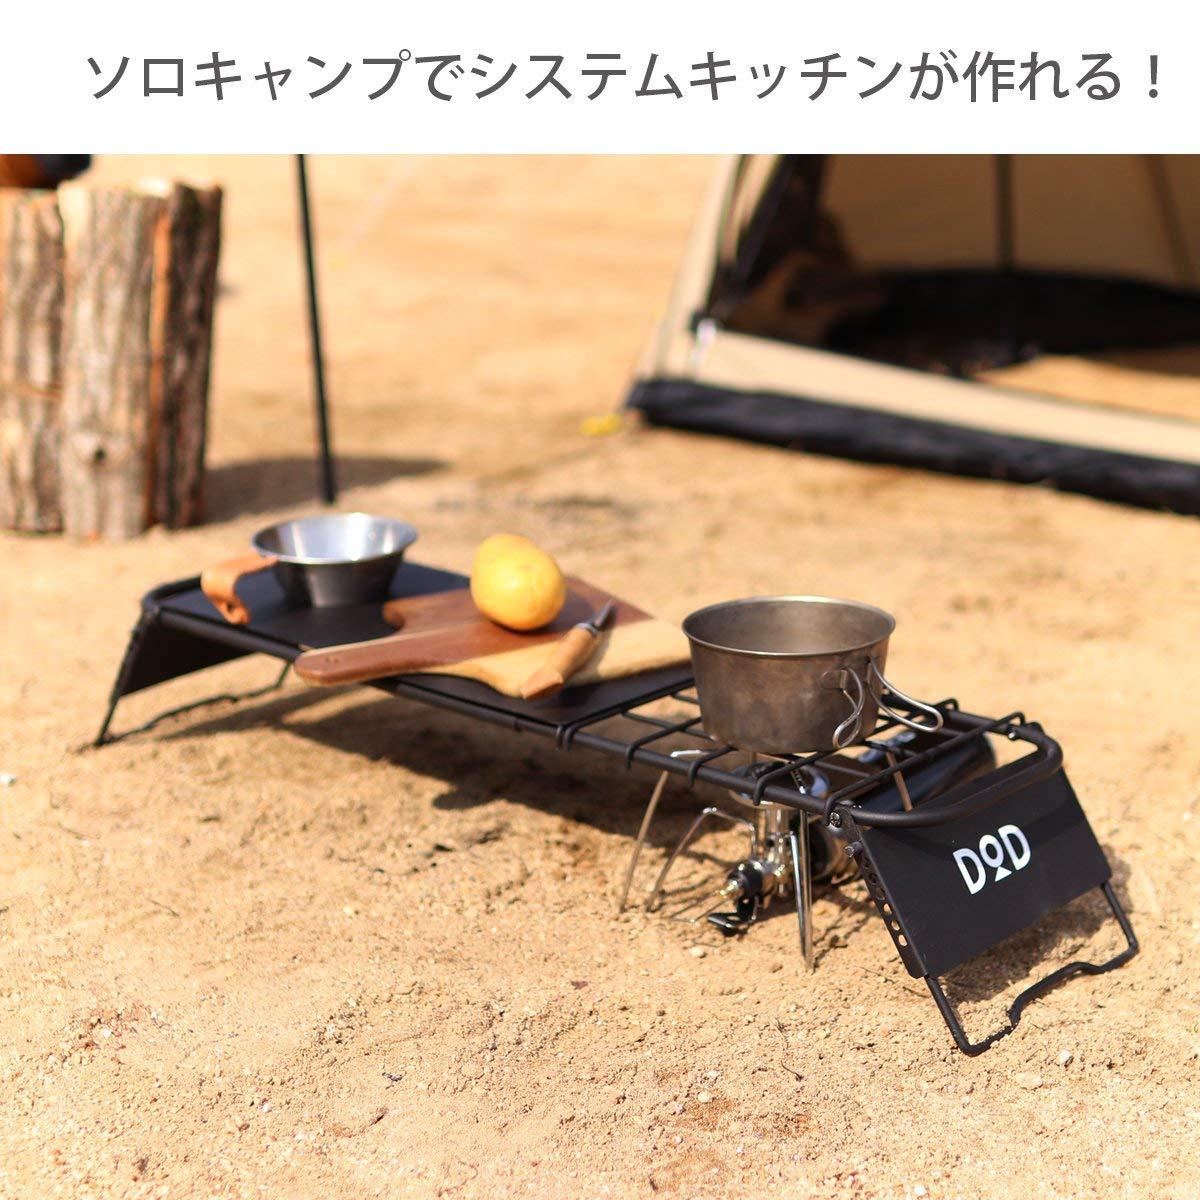 日本 DOPPELGANGER /  DOD營舞者 迷你廚房桌 / TB1-567。1色。(6800*3.3)日本必買代購 / 日本樂天。件件免運 3